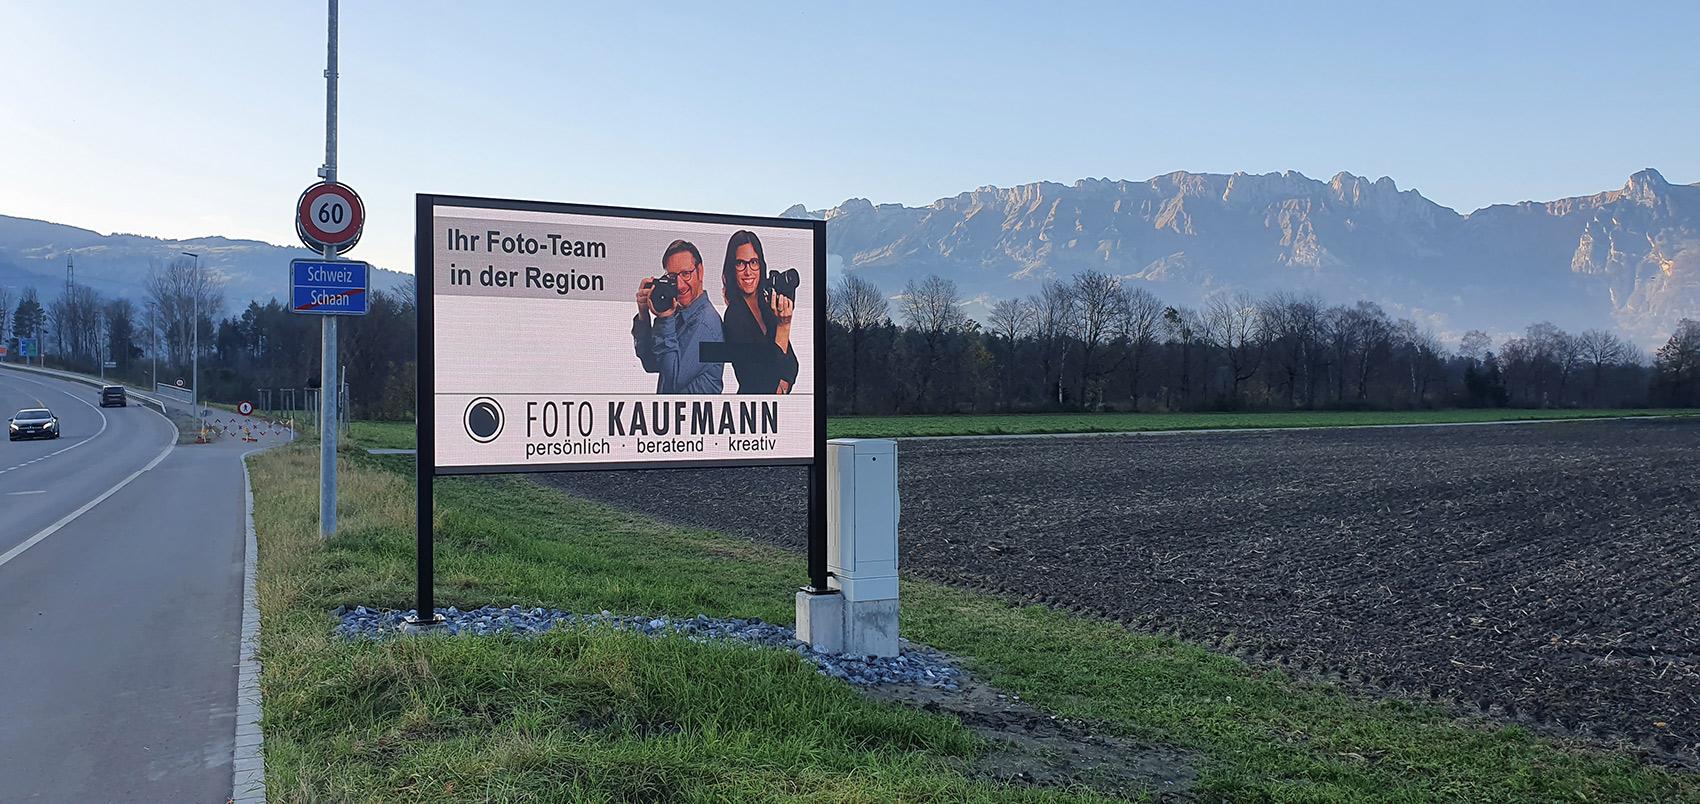 Outdoor Digital Signage in Schaan